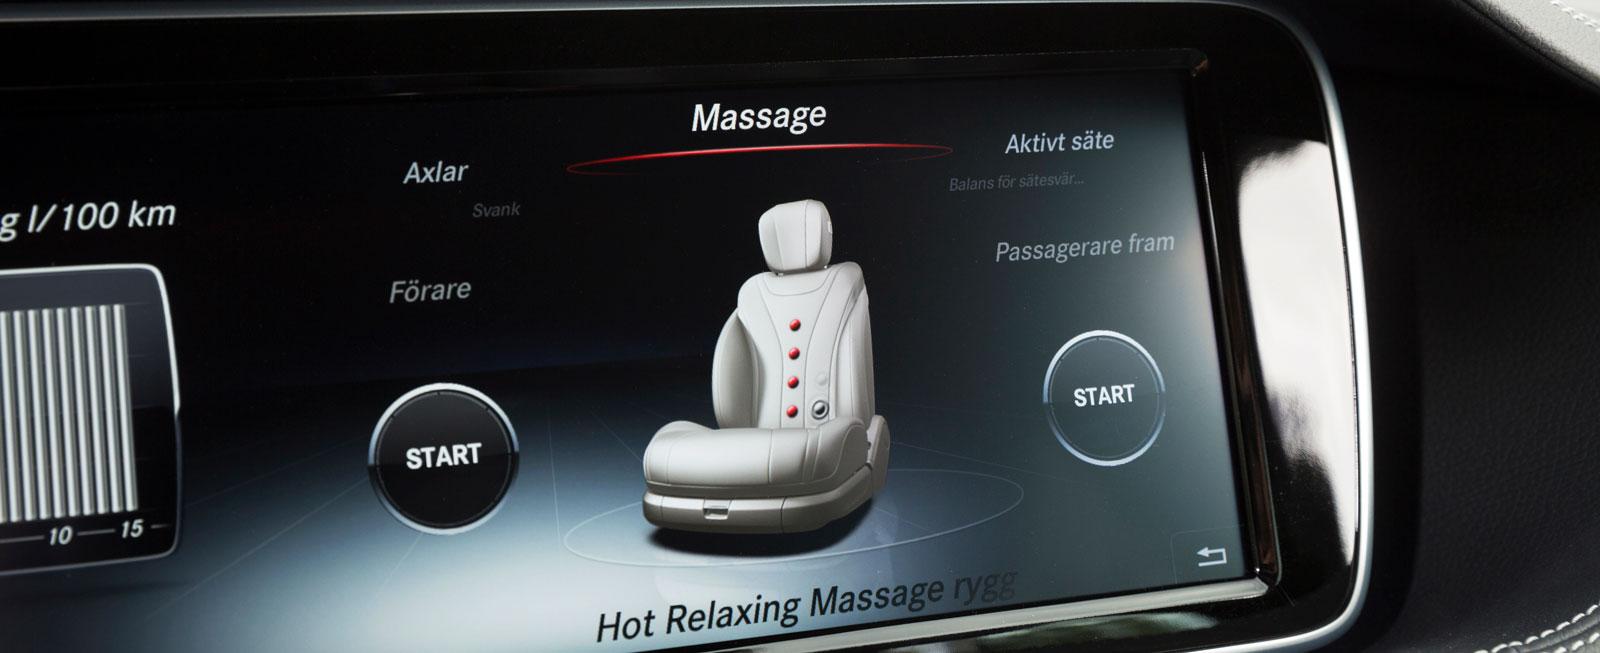 Detaljerade stolsinställningar finns i menyskärmen. Vissa massageprogram tar hjälp av stolsvärmen för att mjuka upp trötta ryggar.